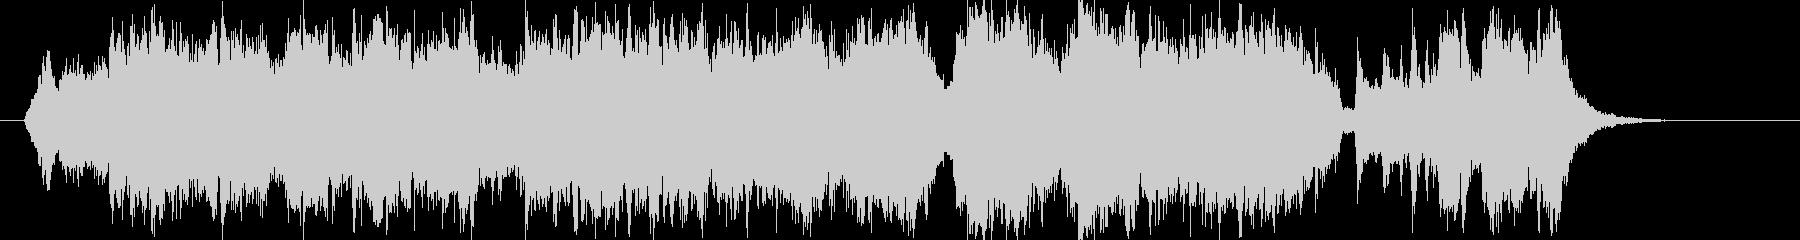 悠長でメロディアスなクラシカルジングルの未再生の波形